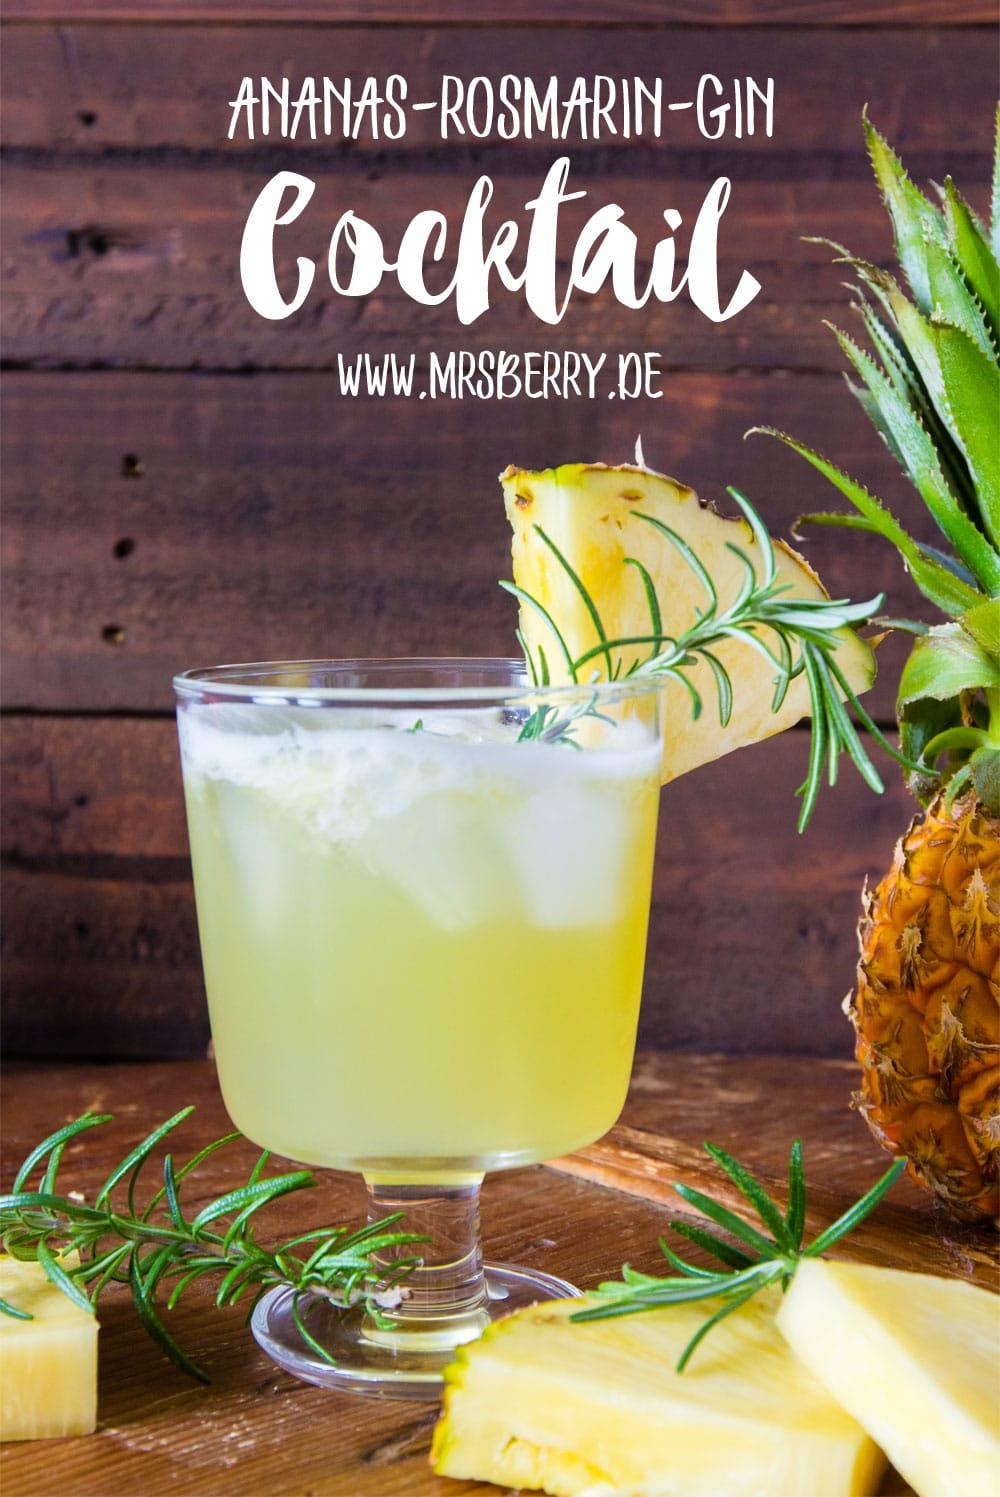 Muttertagsgeschenke: Gin-Cocktail-Party mit Rezept für Ananas-Rosmarin-Gin Cocktail